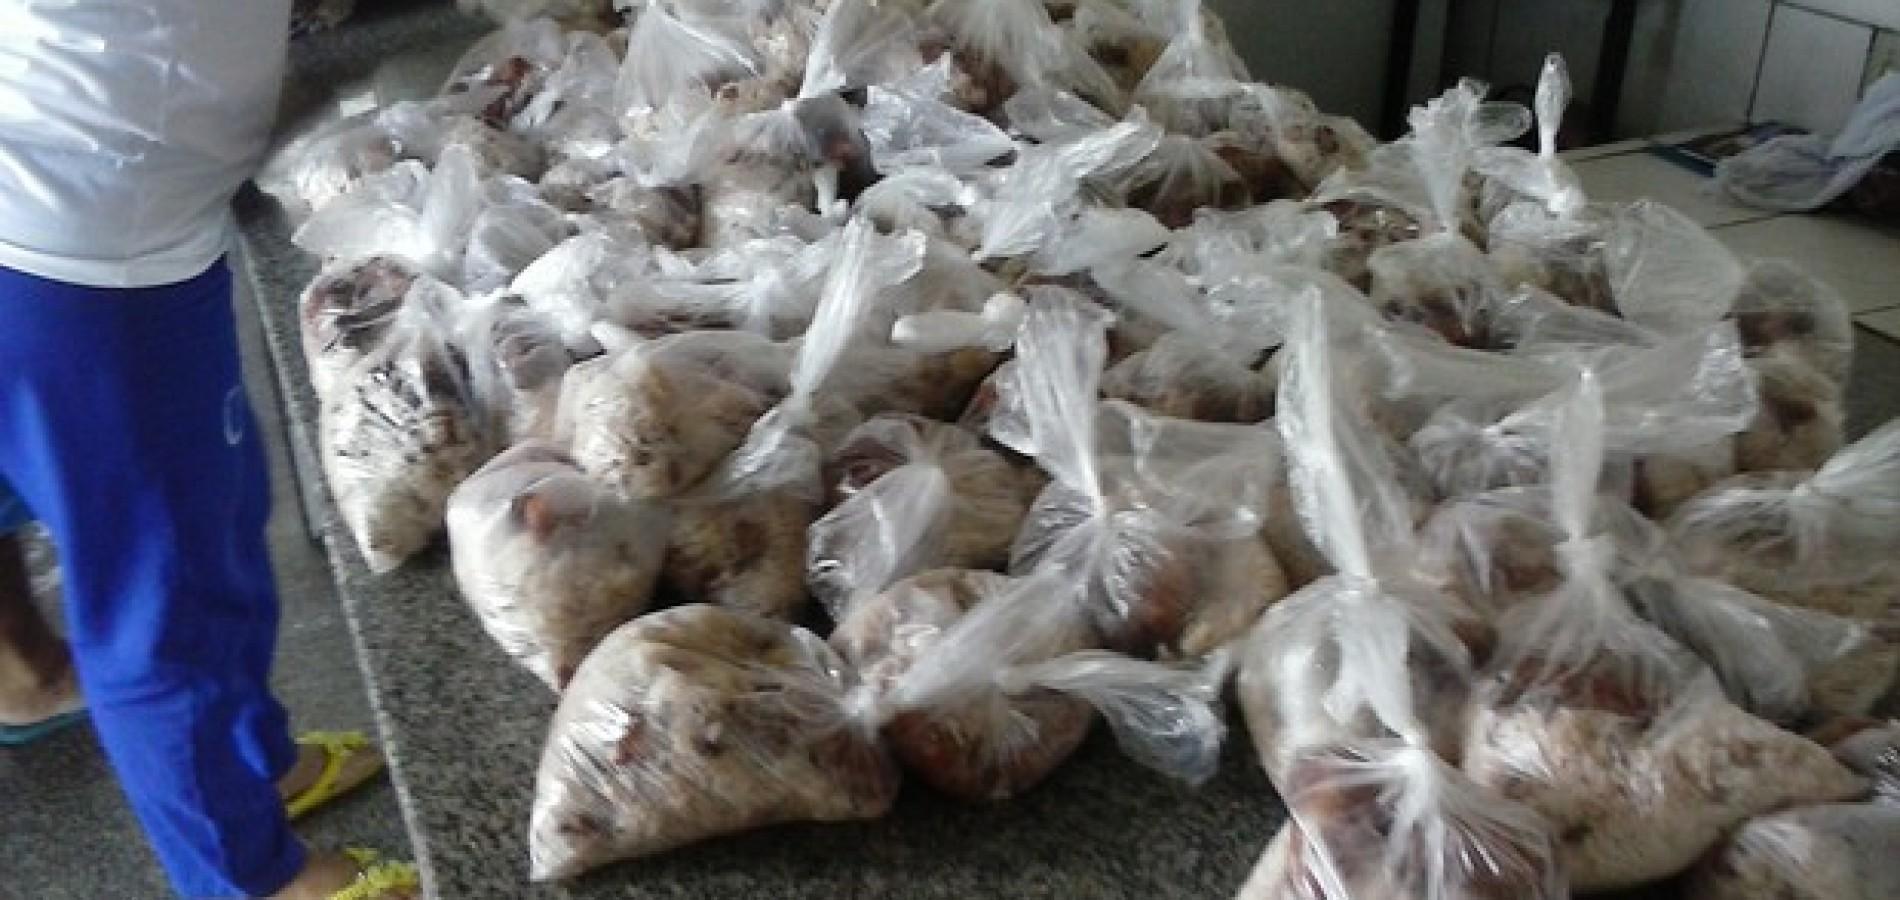 Após denúncia, OAB-PI alerta que presídios podem ficar sem comida